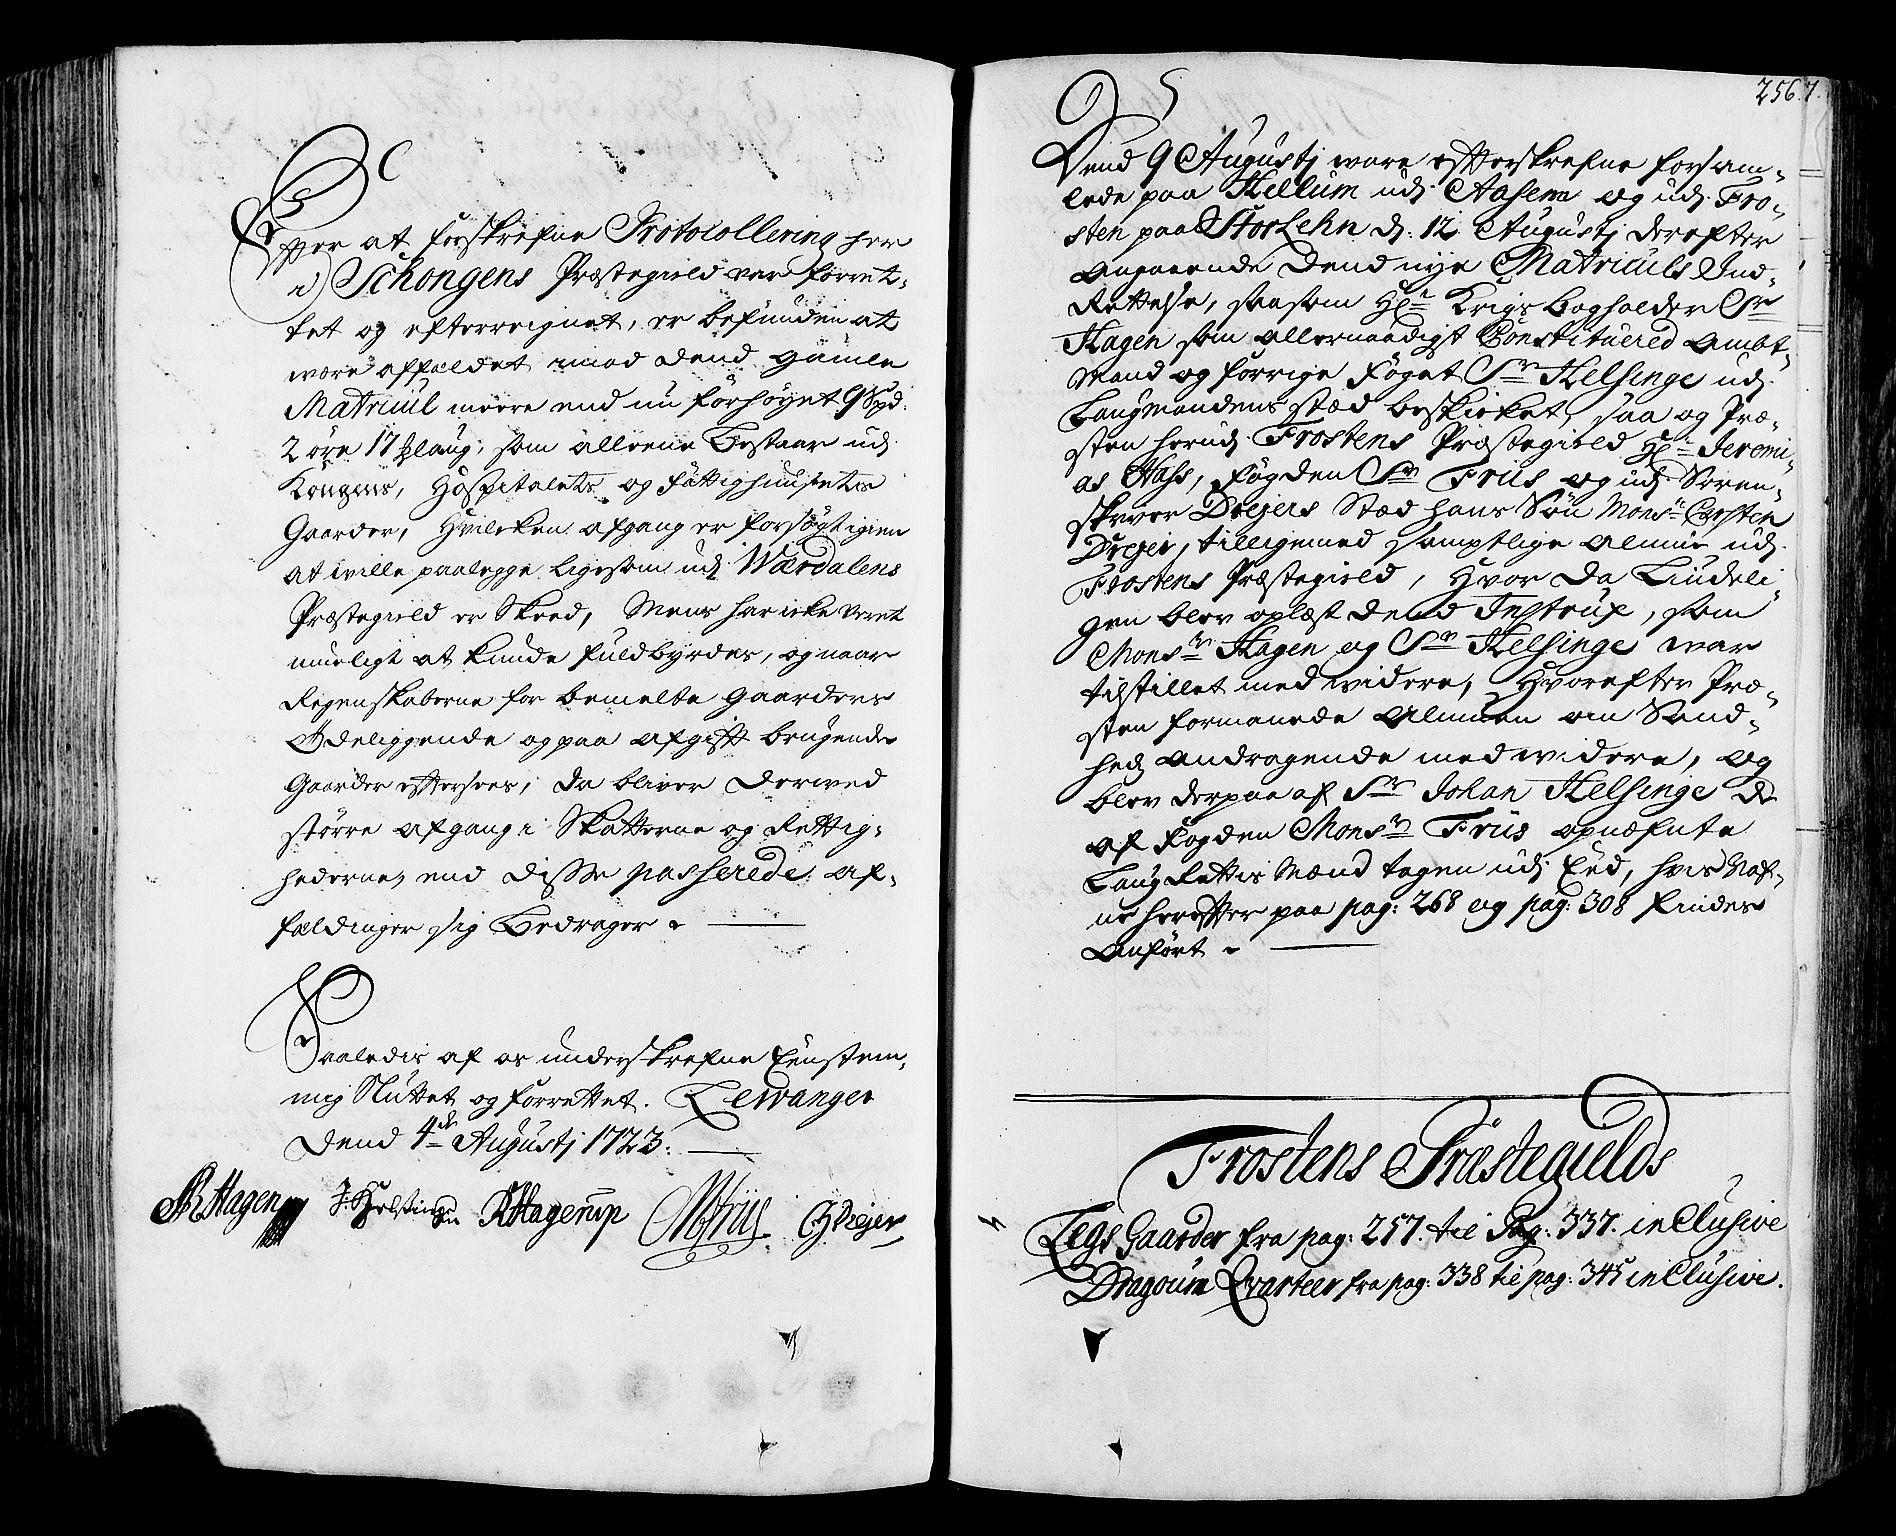 RA, Rentekammeret inntil 1814, Realistisk ordnet avdeling, N/Nb/Nbf/L0164: Stjørdal og Verdal eksaminasjonsprotokoll, 1723, s. 255b-256a